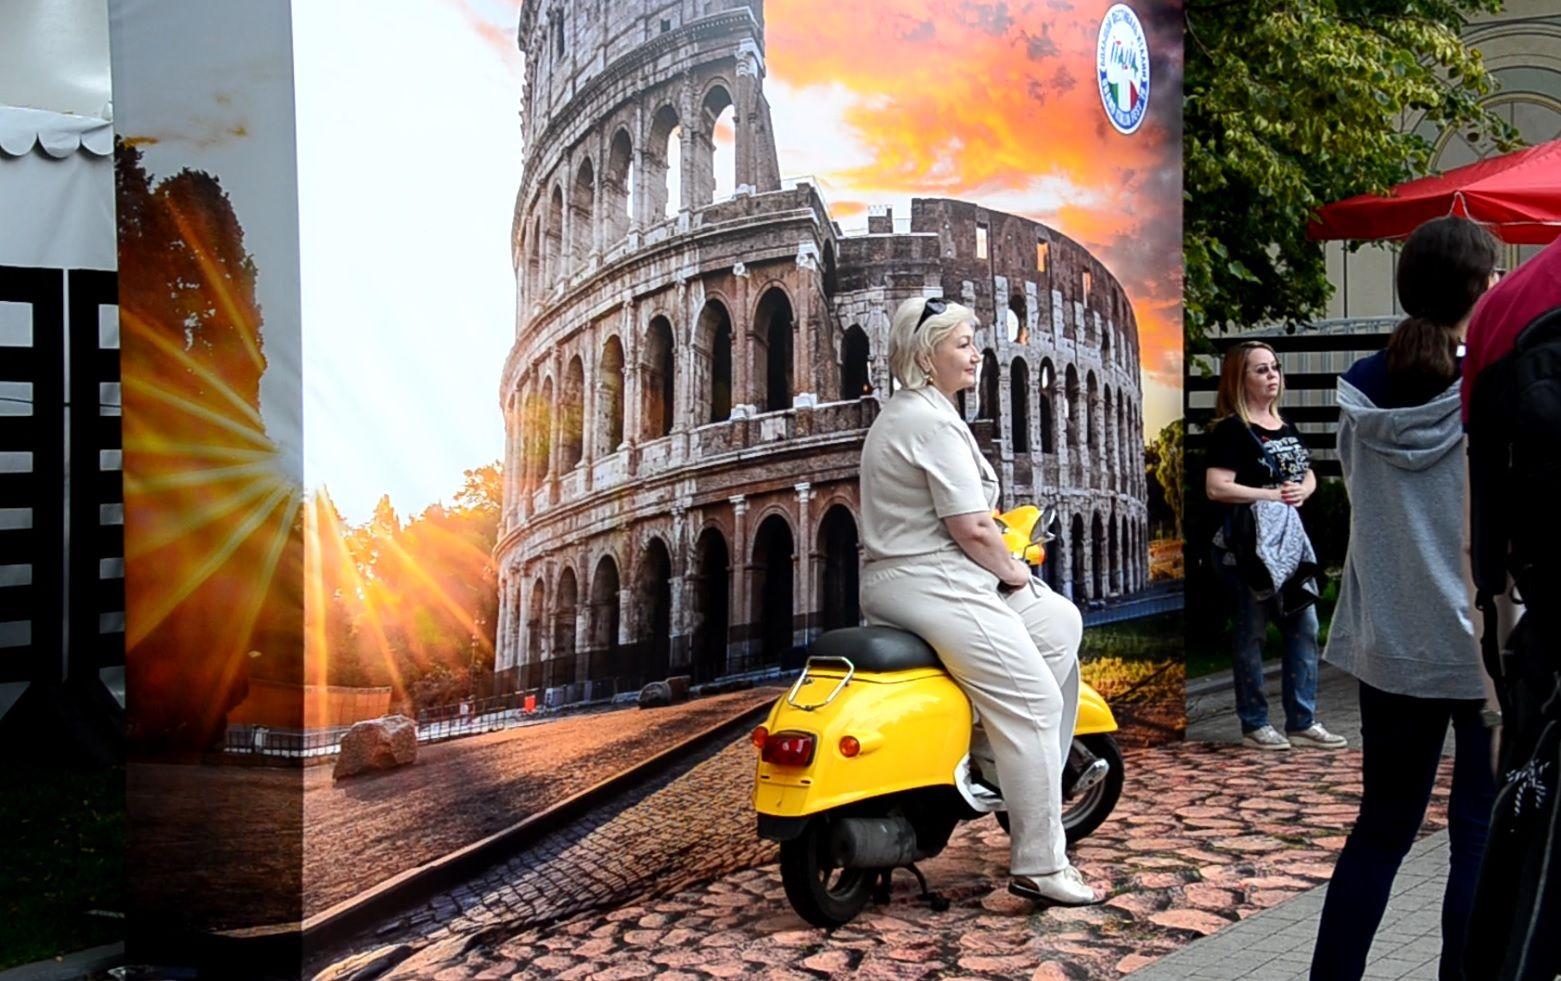 Все дороги ведут в сад «Эрмитаж»: насколько фестиваль Италии передает атмосферу страны. Фото: Анастасия Кирсанова